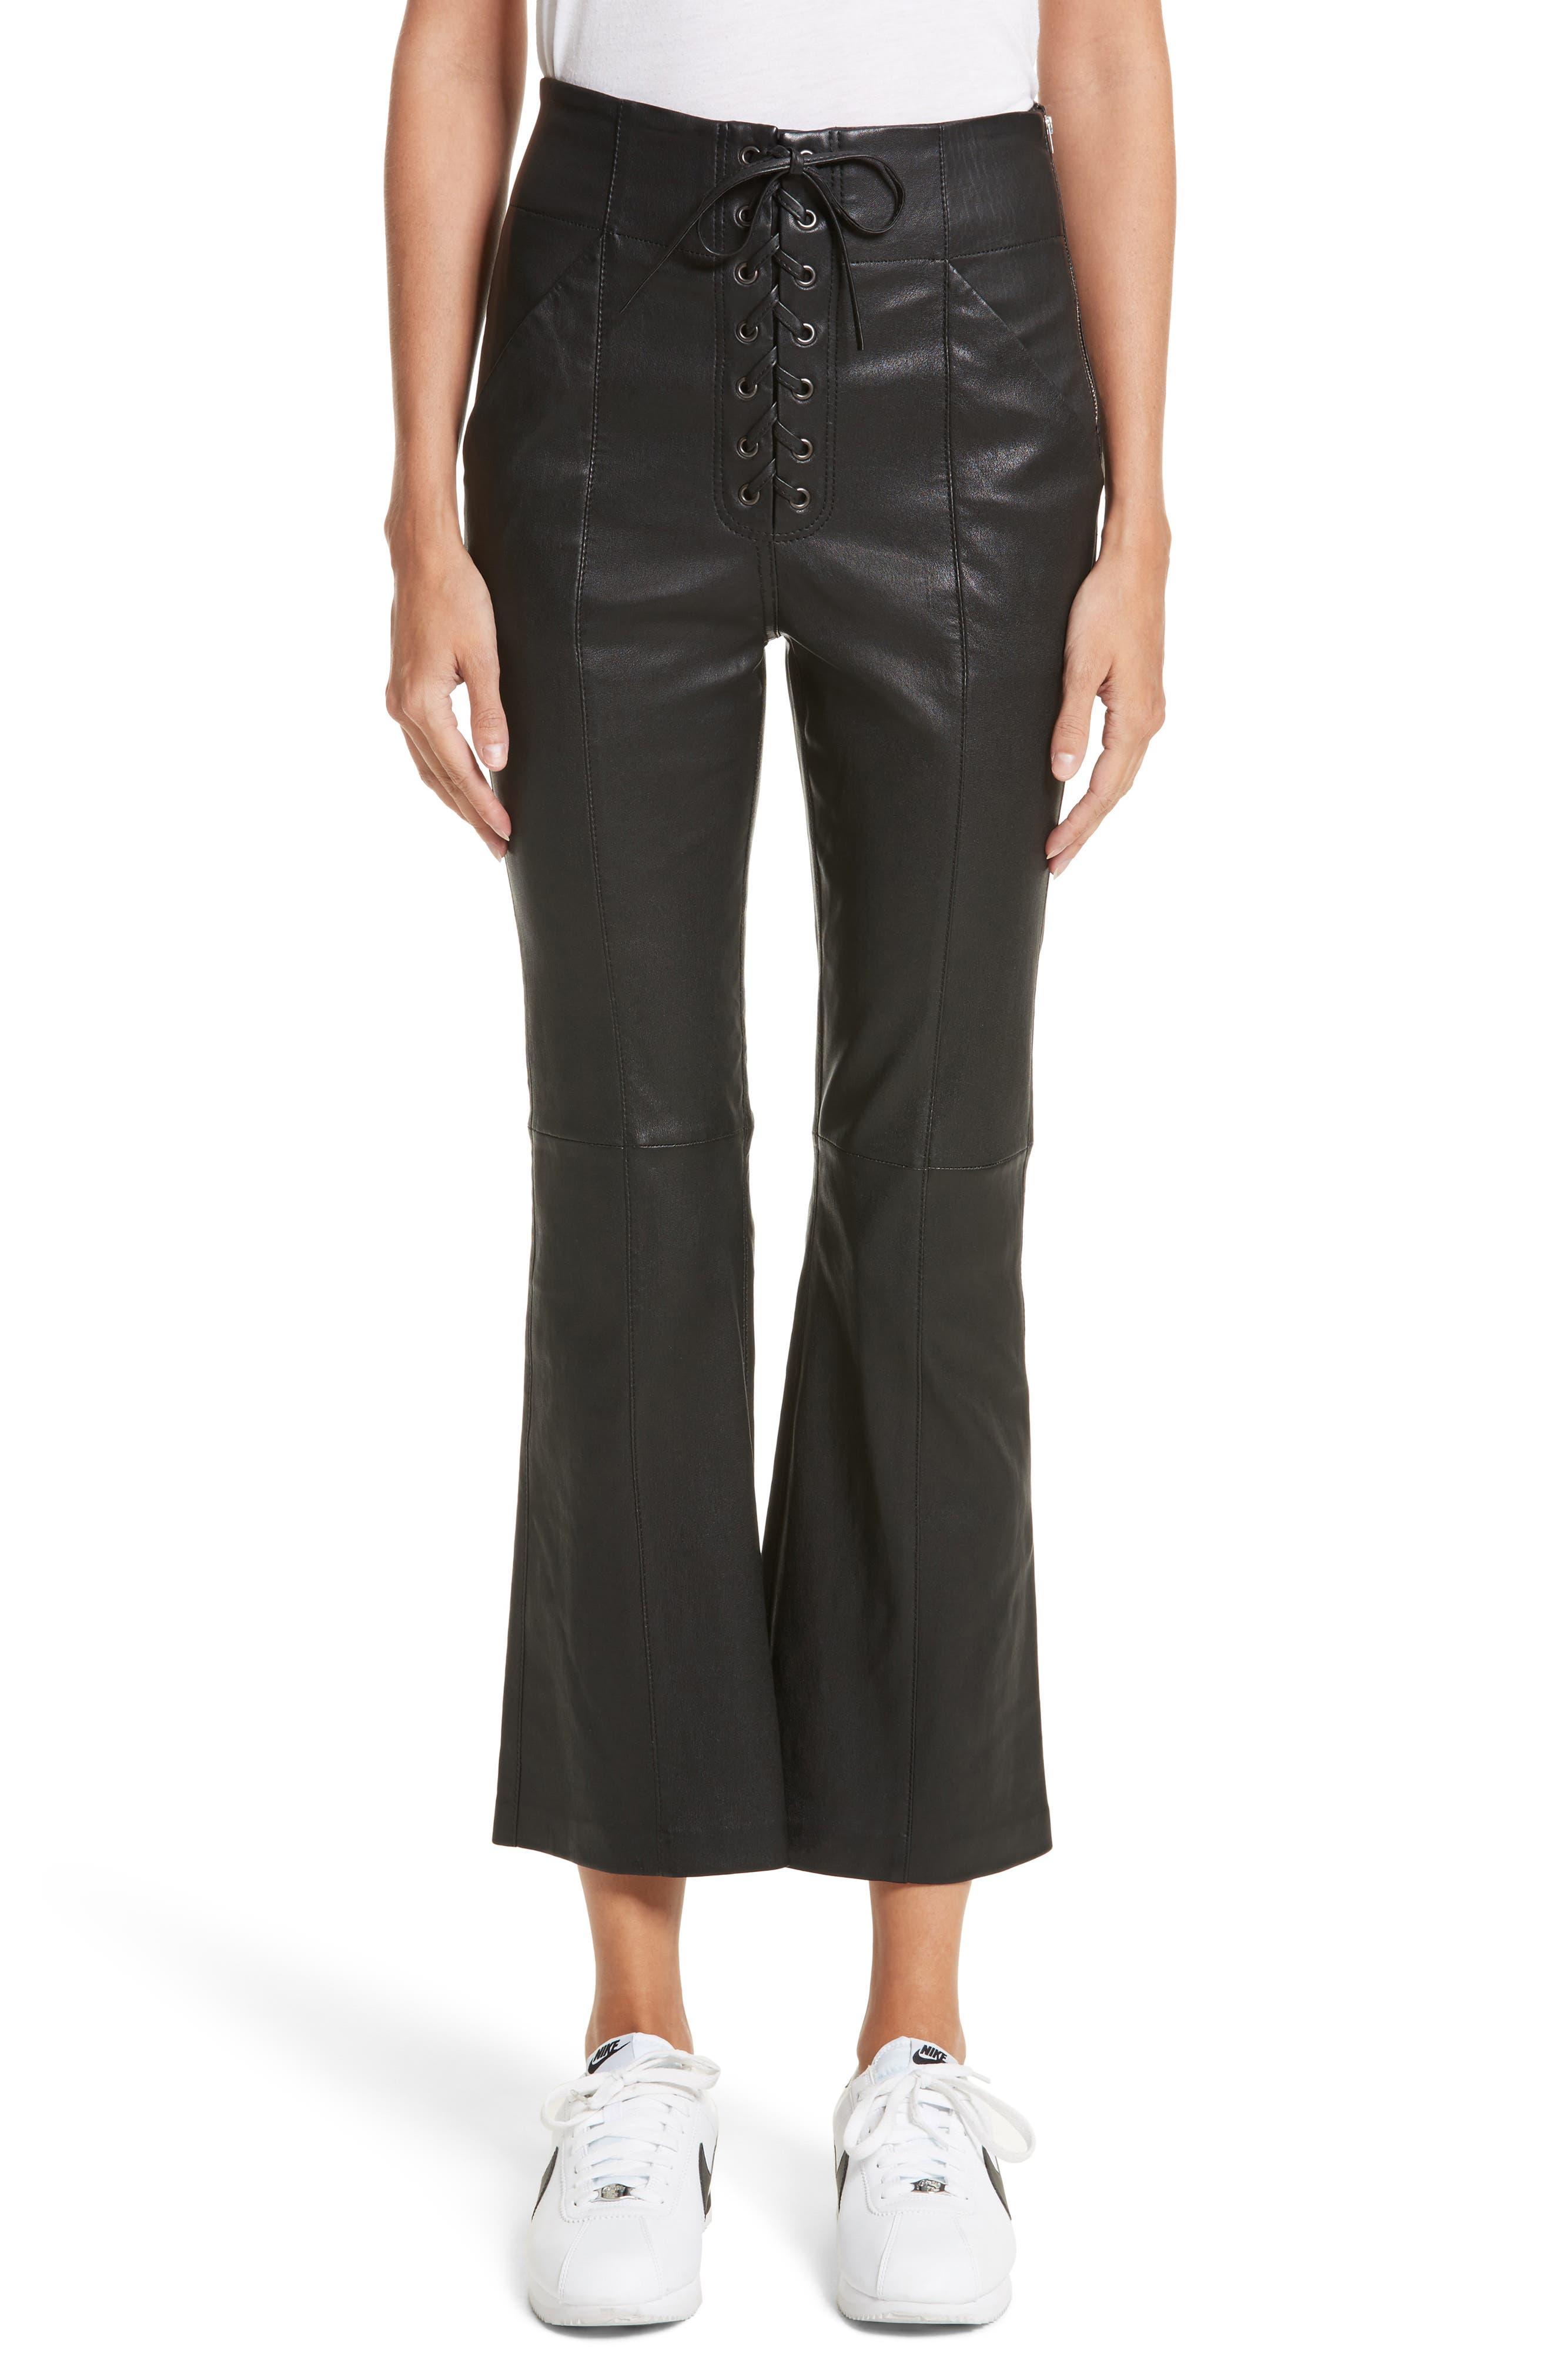 Delia Lace Up Leather Pants,                             Main thumbnail 1, color,                             001